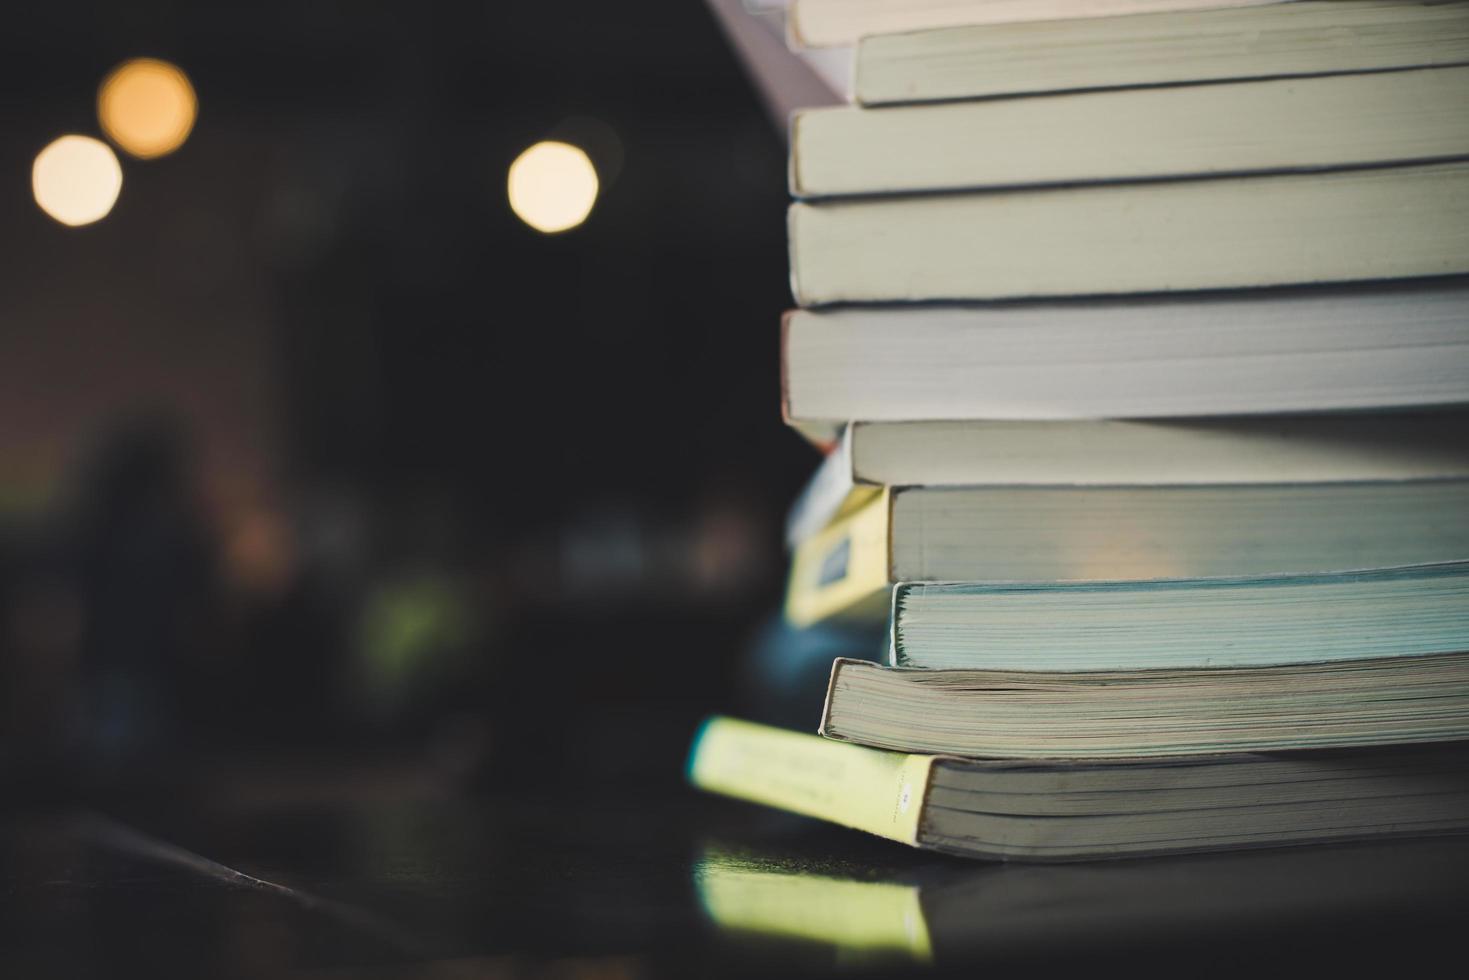 högar med böcker på ett bord över en suddig biblioteksbakgrund foto